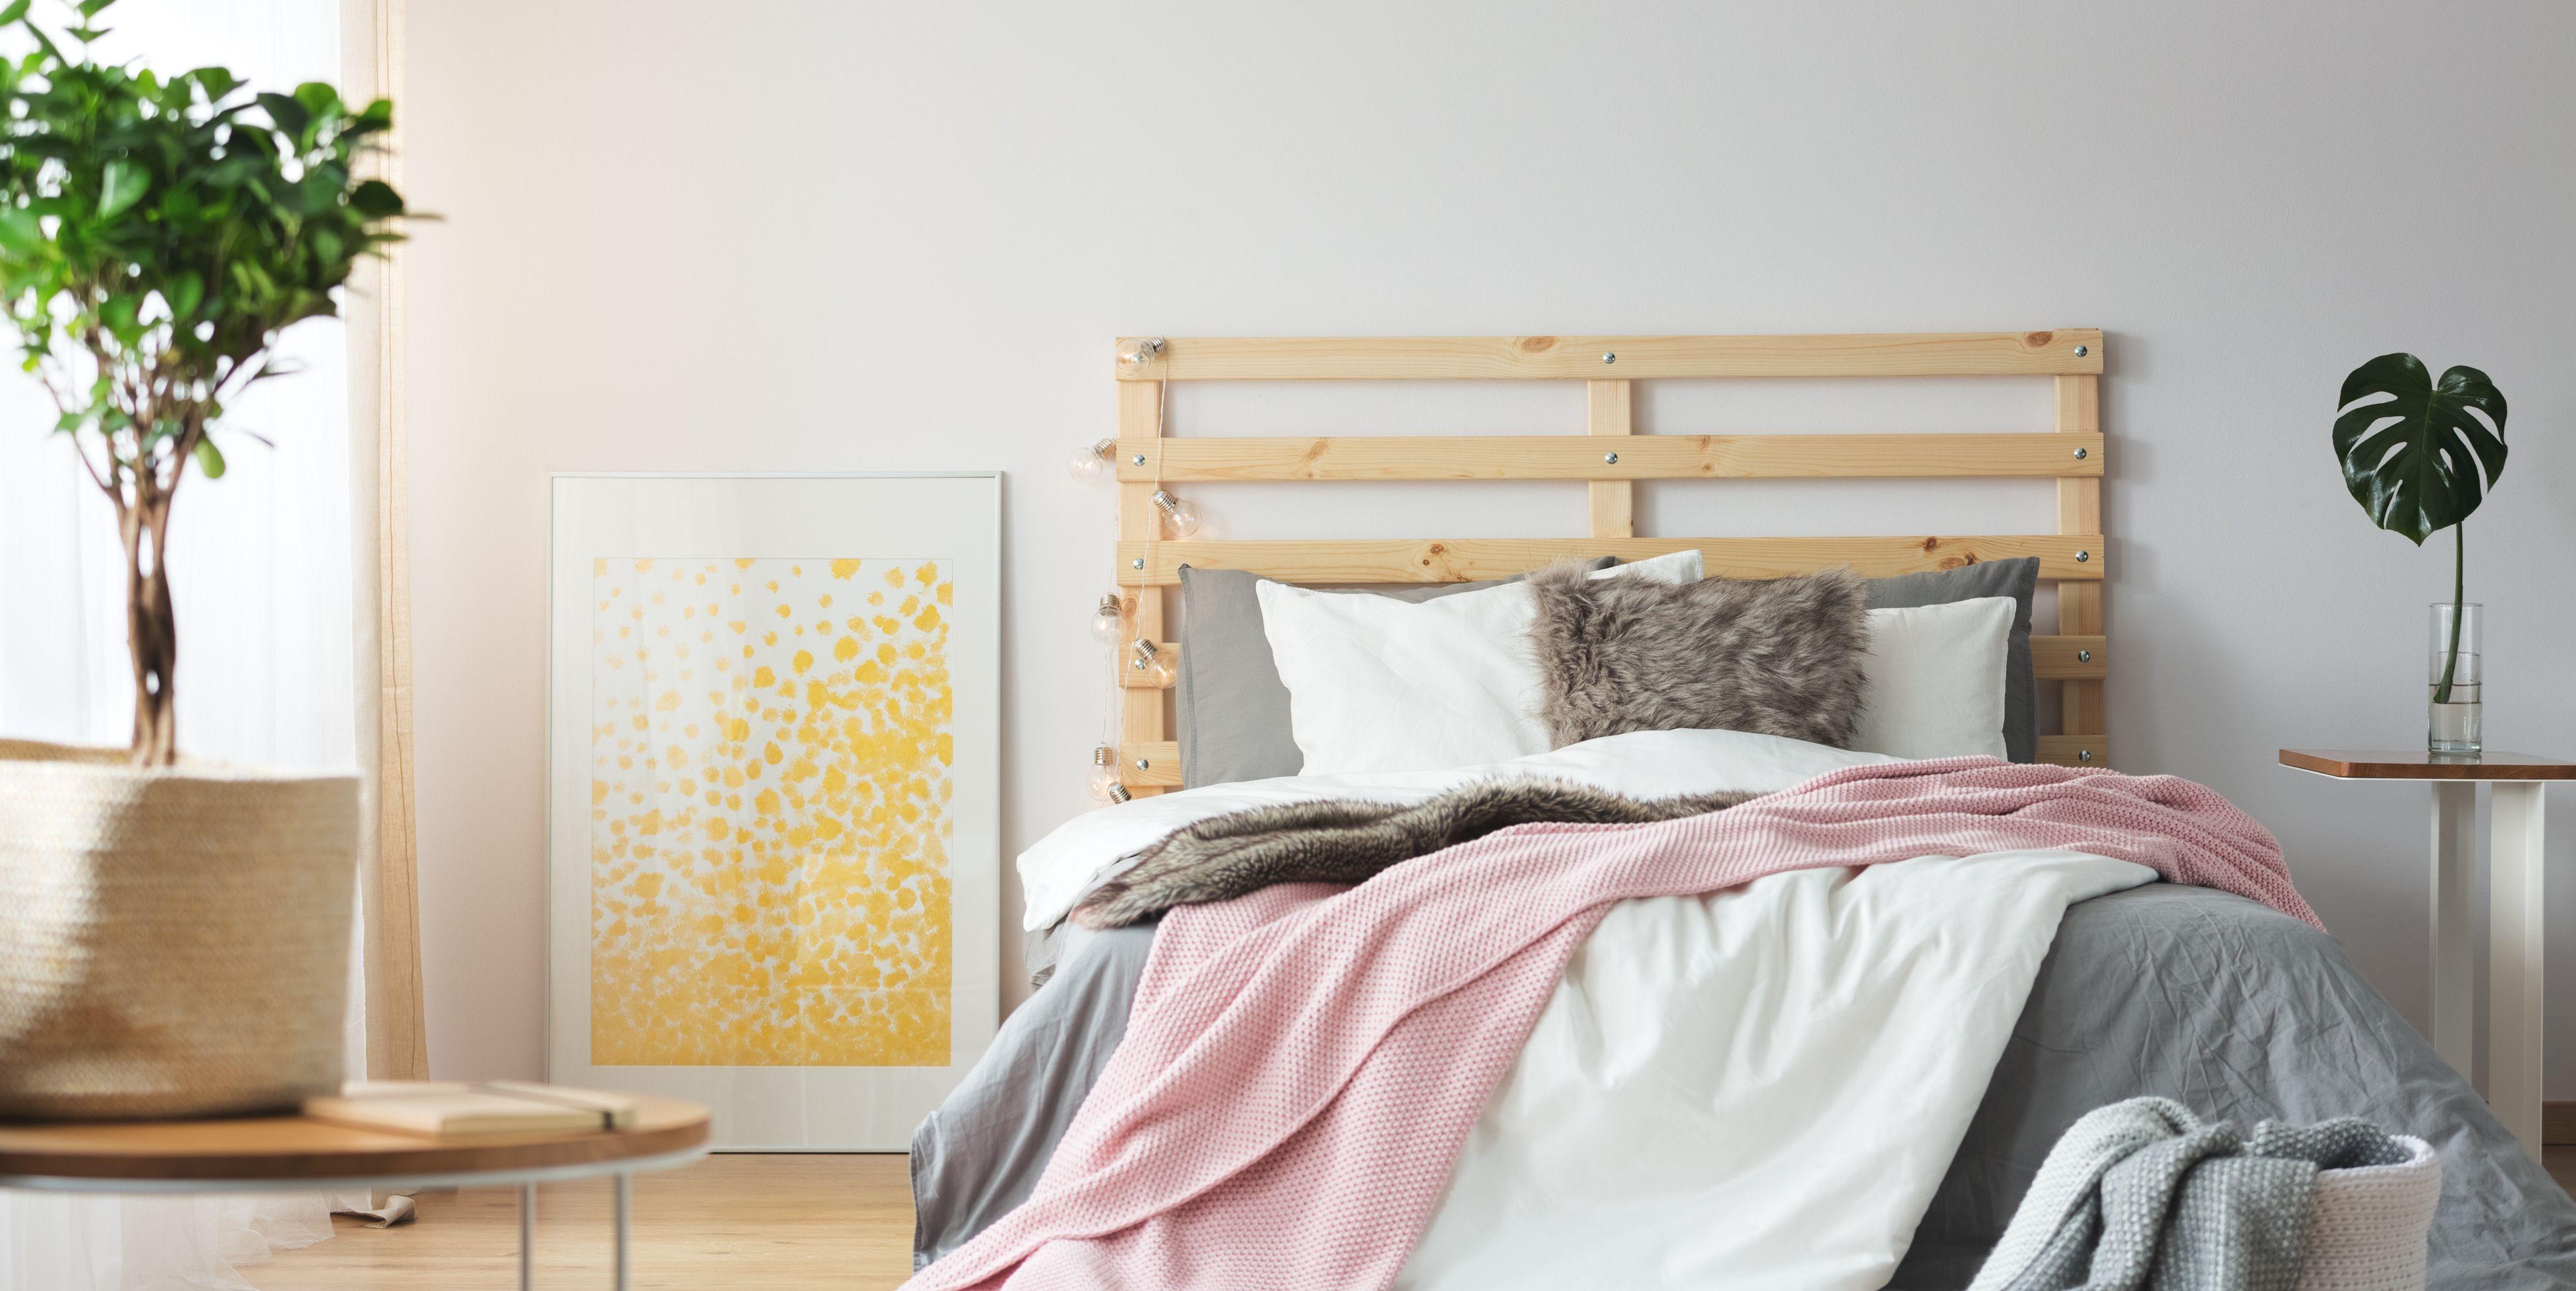 Messy bright bedroom